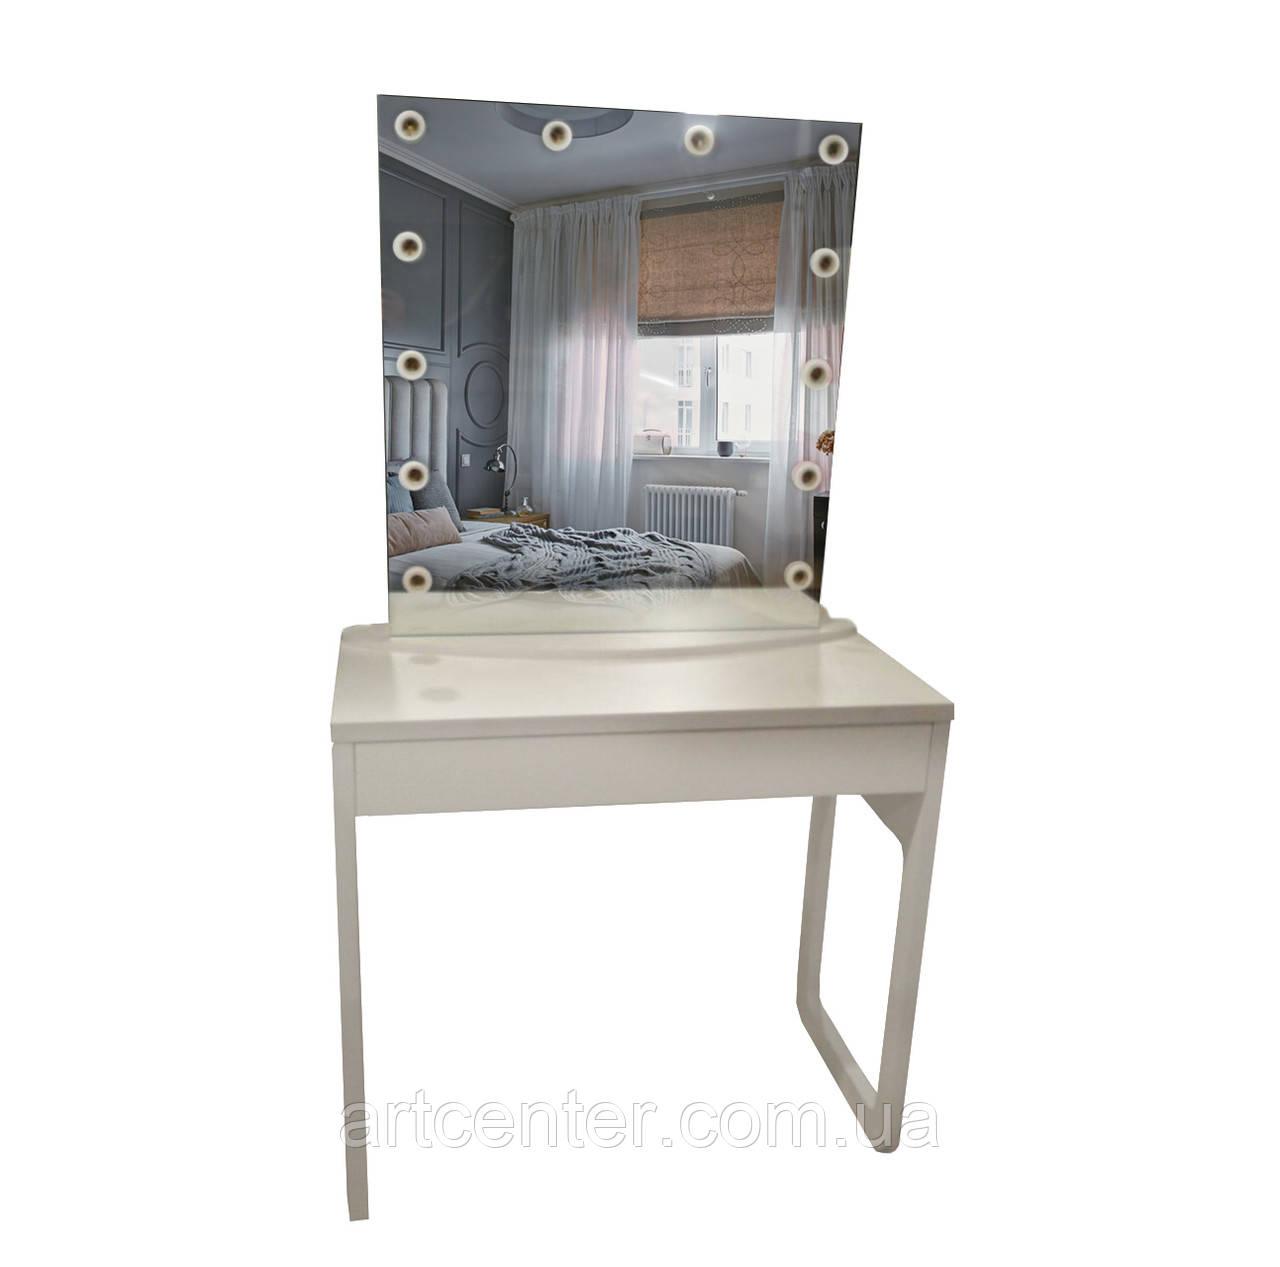 Визажный стол с зеркалом на подставке, туалетный стол с вырезом в опоре